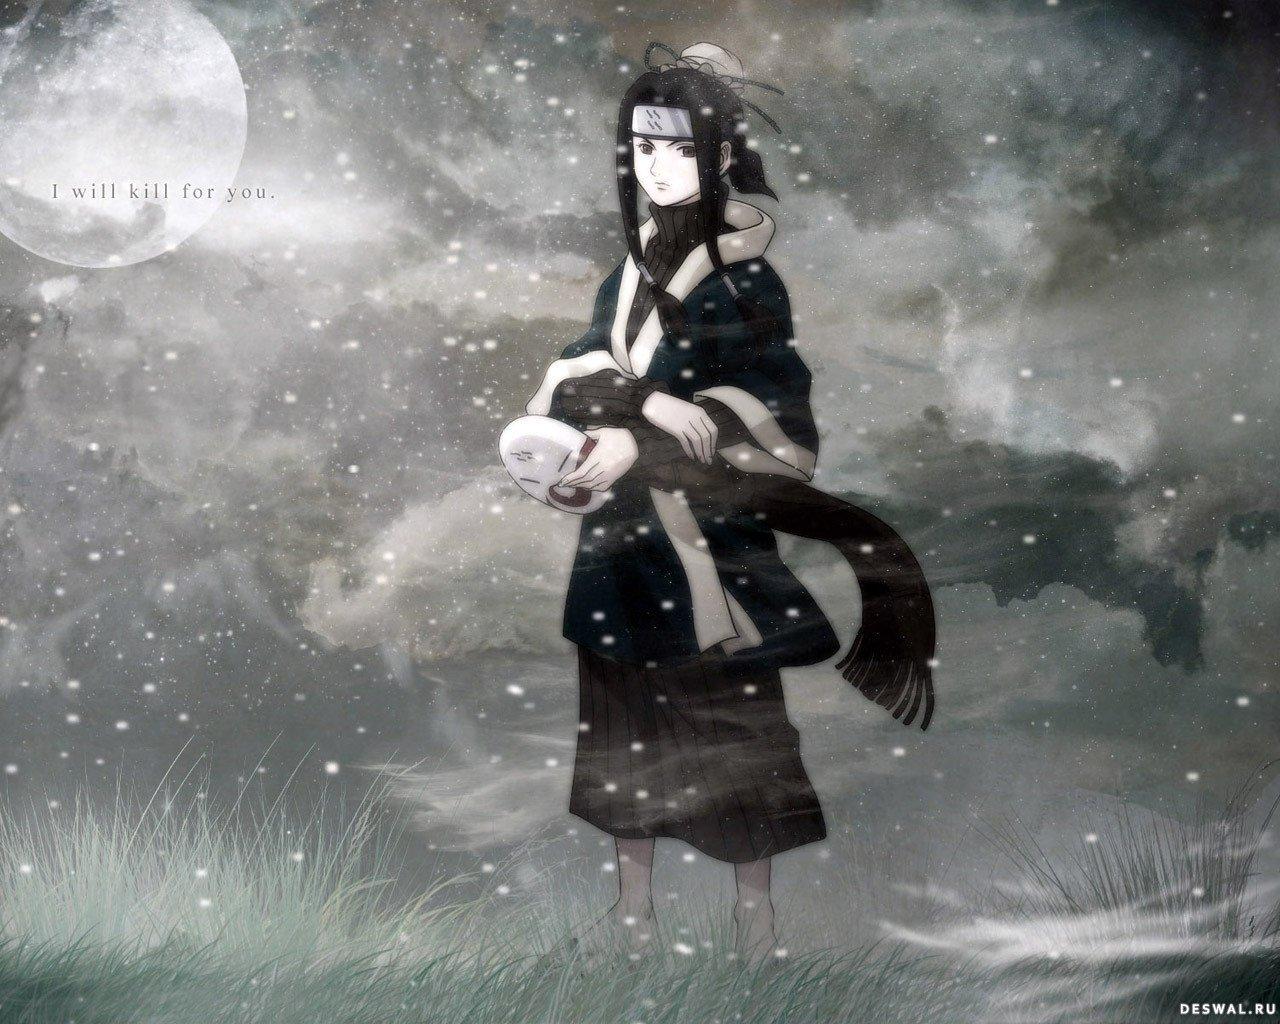 Фото 6.. Нажмите на картинку с аниме обоями, чтобы просмотреть ее в реальном размере